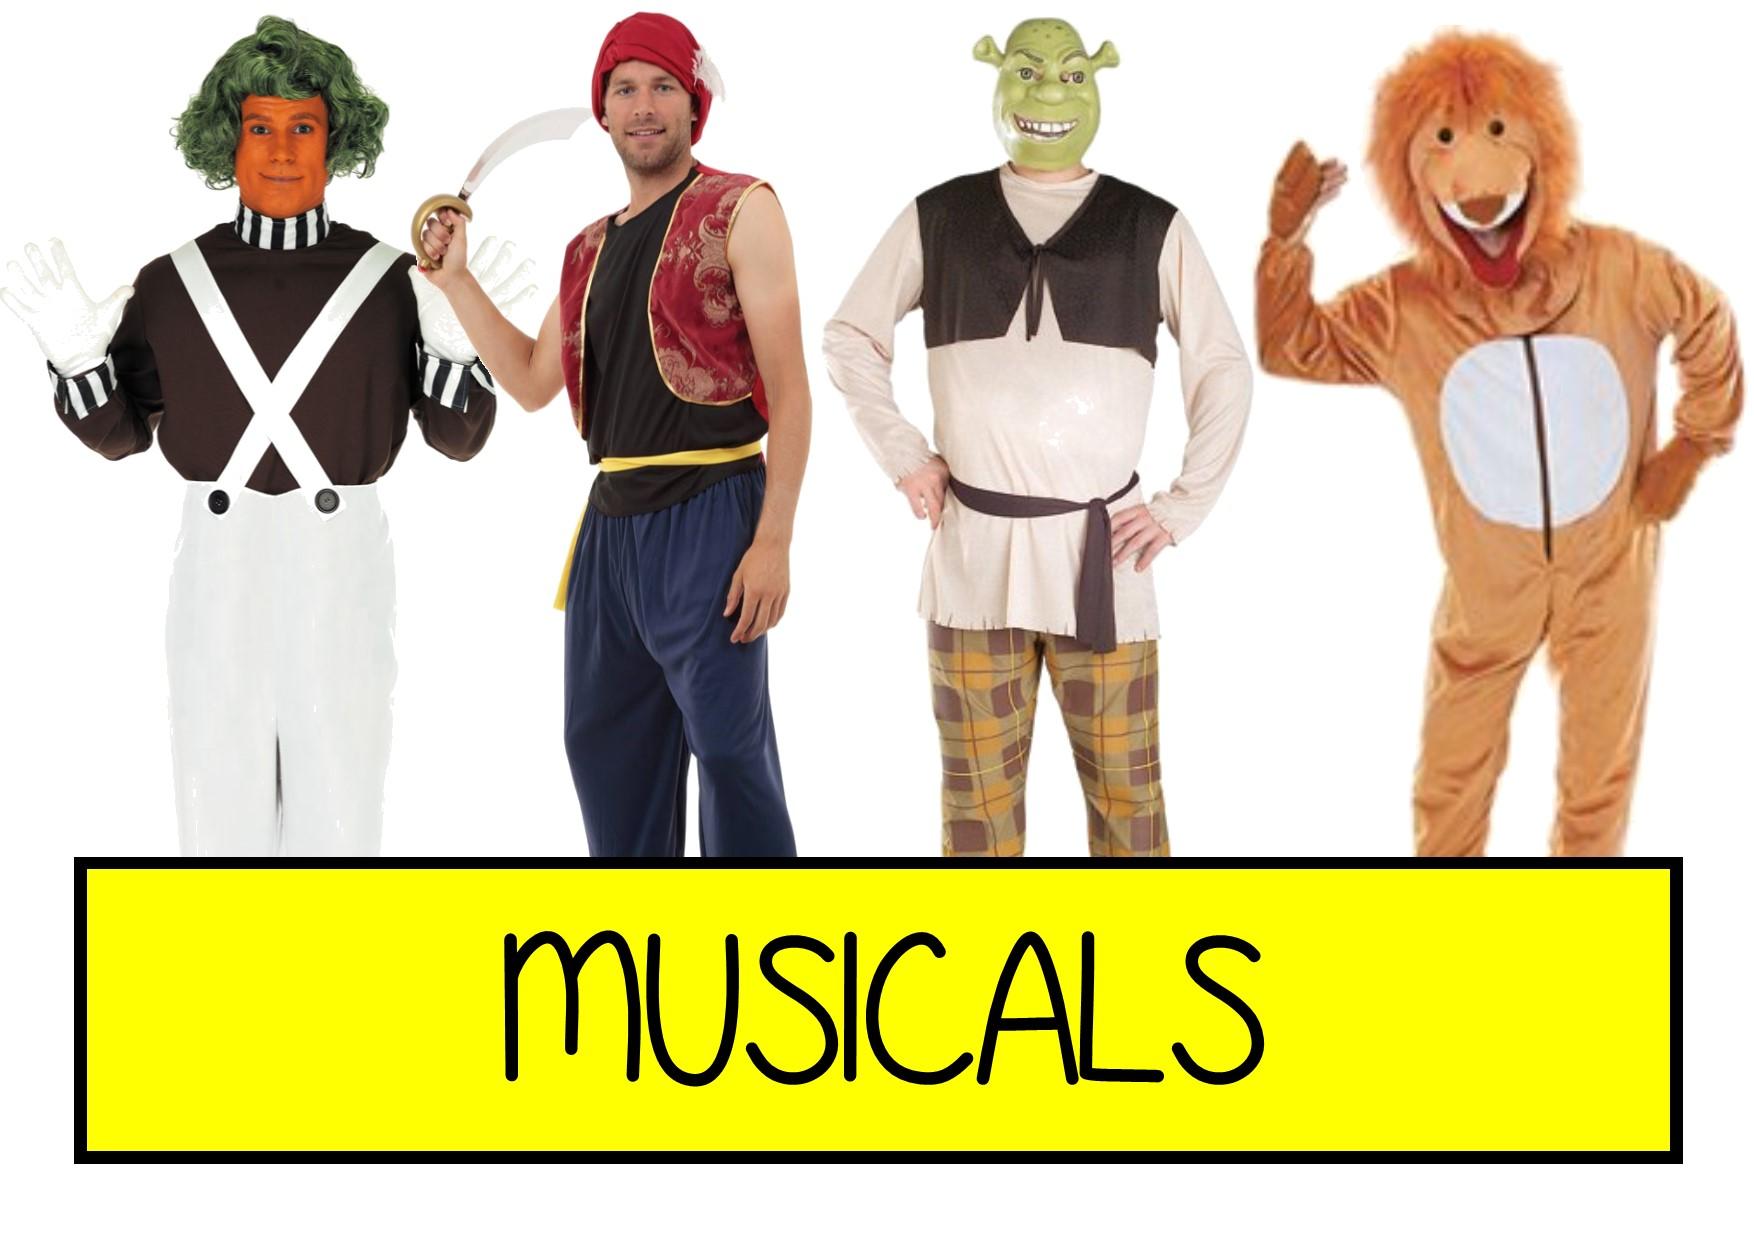 musicals fancy dress ideas